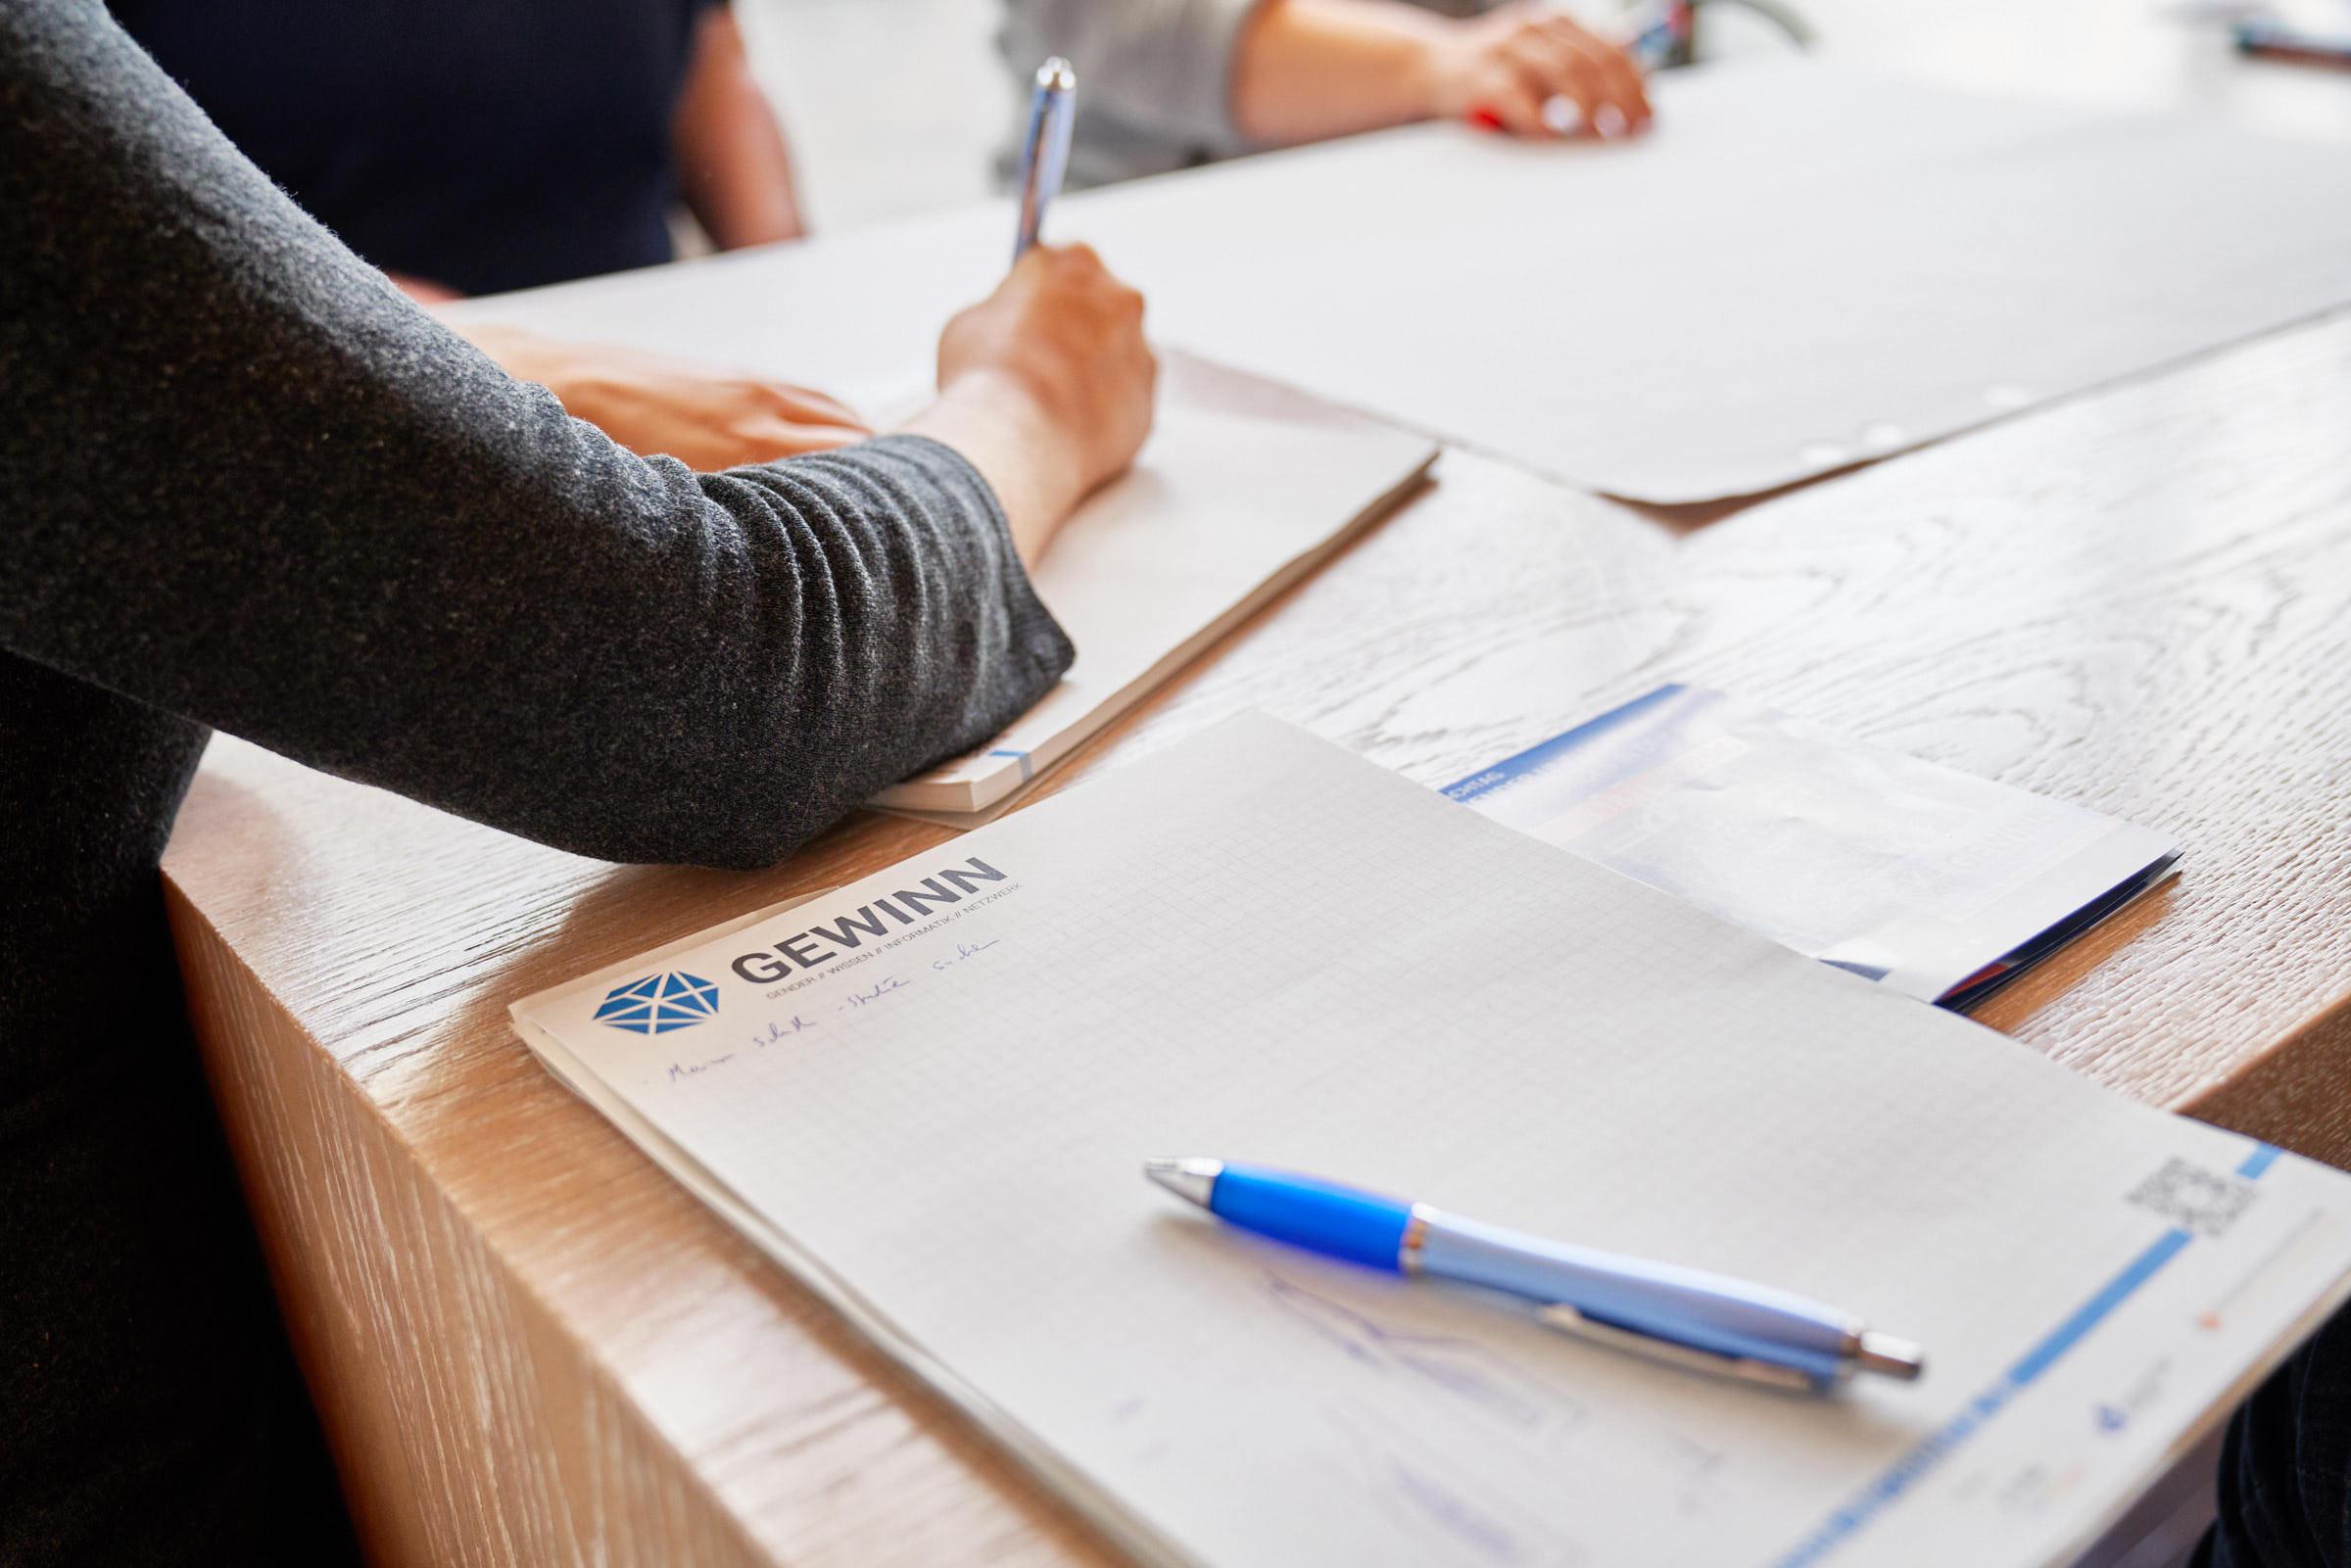 Ein Block und ein Stift mit dem Logo des Projekt GEWINN liegen auf dem Tisch, daneben schreibt jemand.